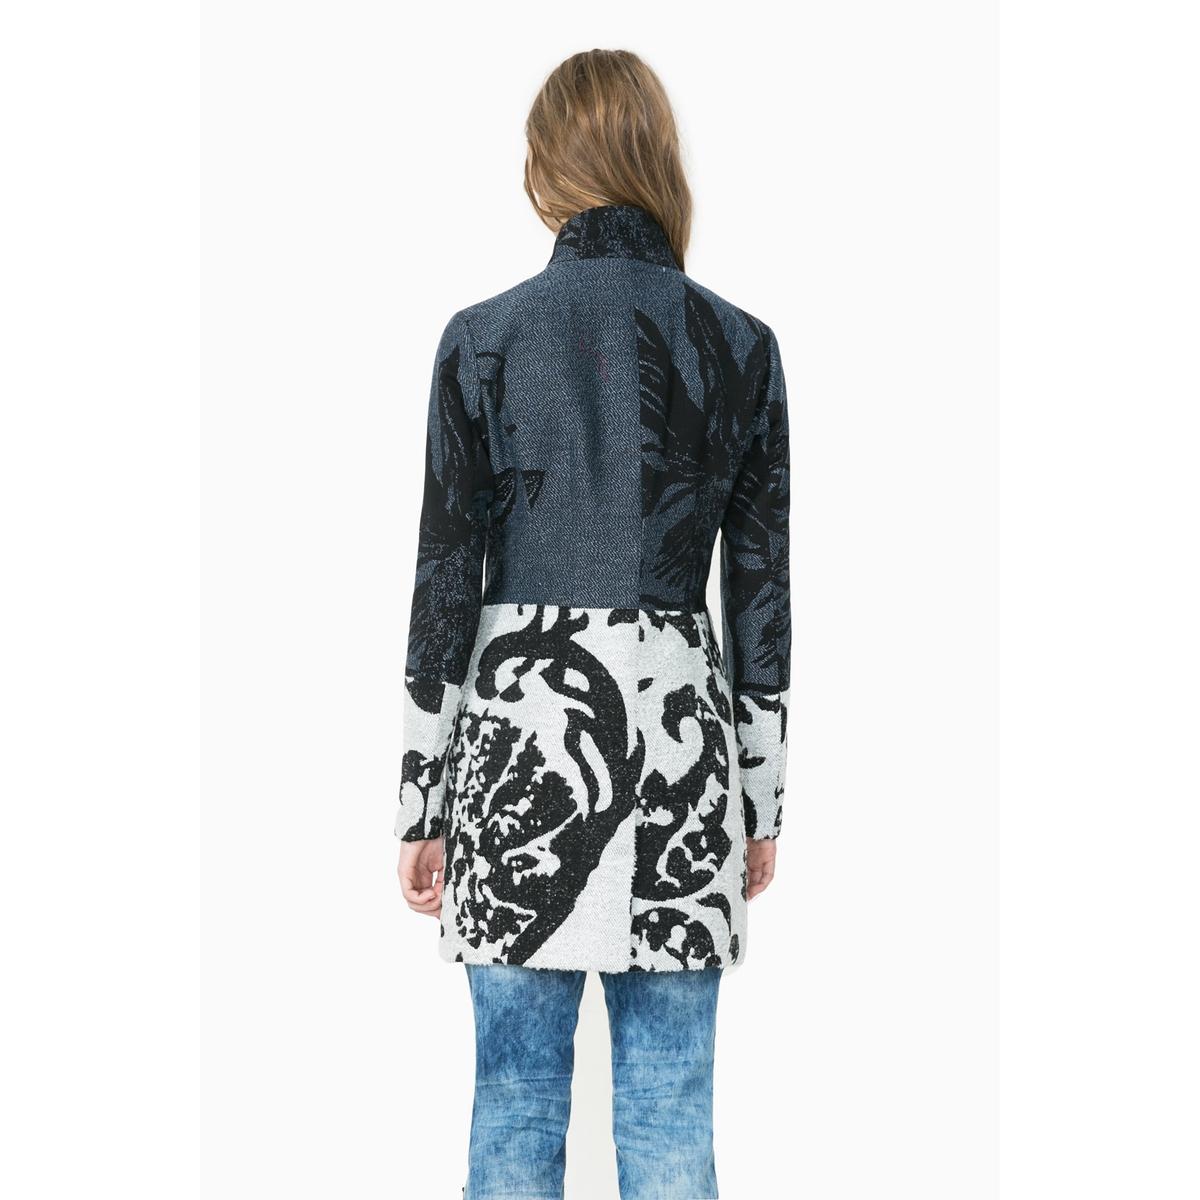 Пальто длинное с рисунком, Abrig MeredithПальто Abrig Meredith от DESIGUAL. Длинное пальто, высокий воротник. Сплошной оригинальный рисунок в клетку. Застежка на металлическую молнию. Разрез внизу сзади. Состав и описаниеМарка : DESIGUALМодель : Abrig MeredithМатериалы : 58% хлопка, 19% акрила, 11% шерсти, 10% полиэстера, 2% других волокон<br><br>Цвет: темно-синий